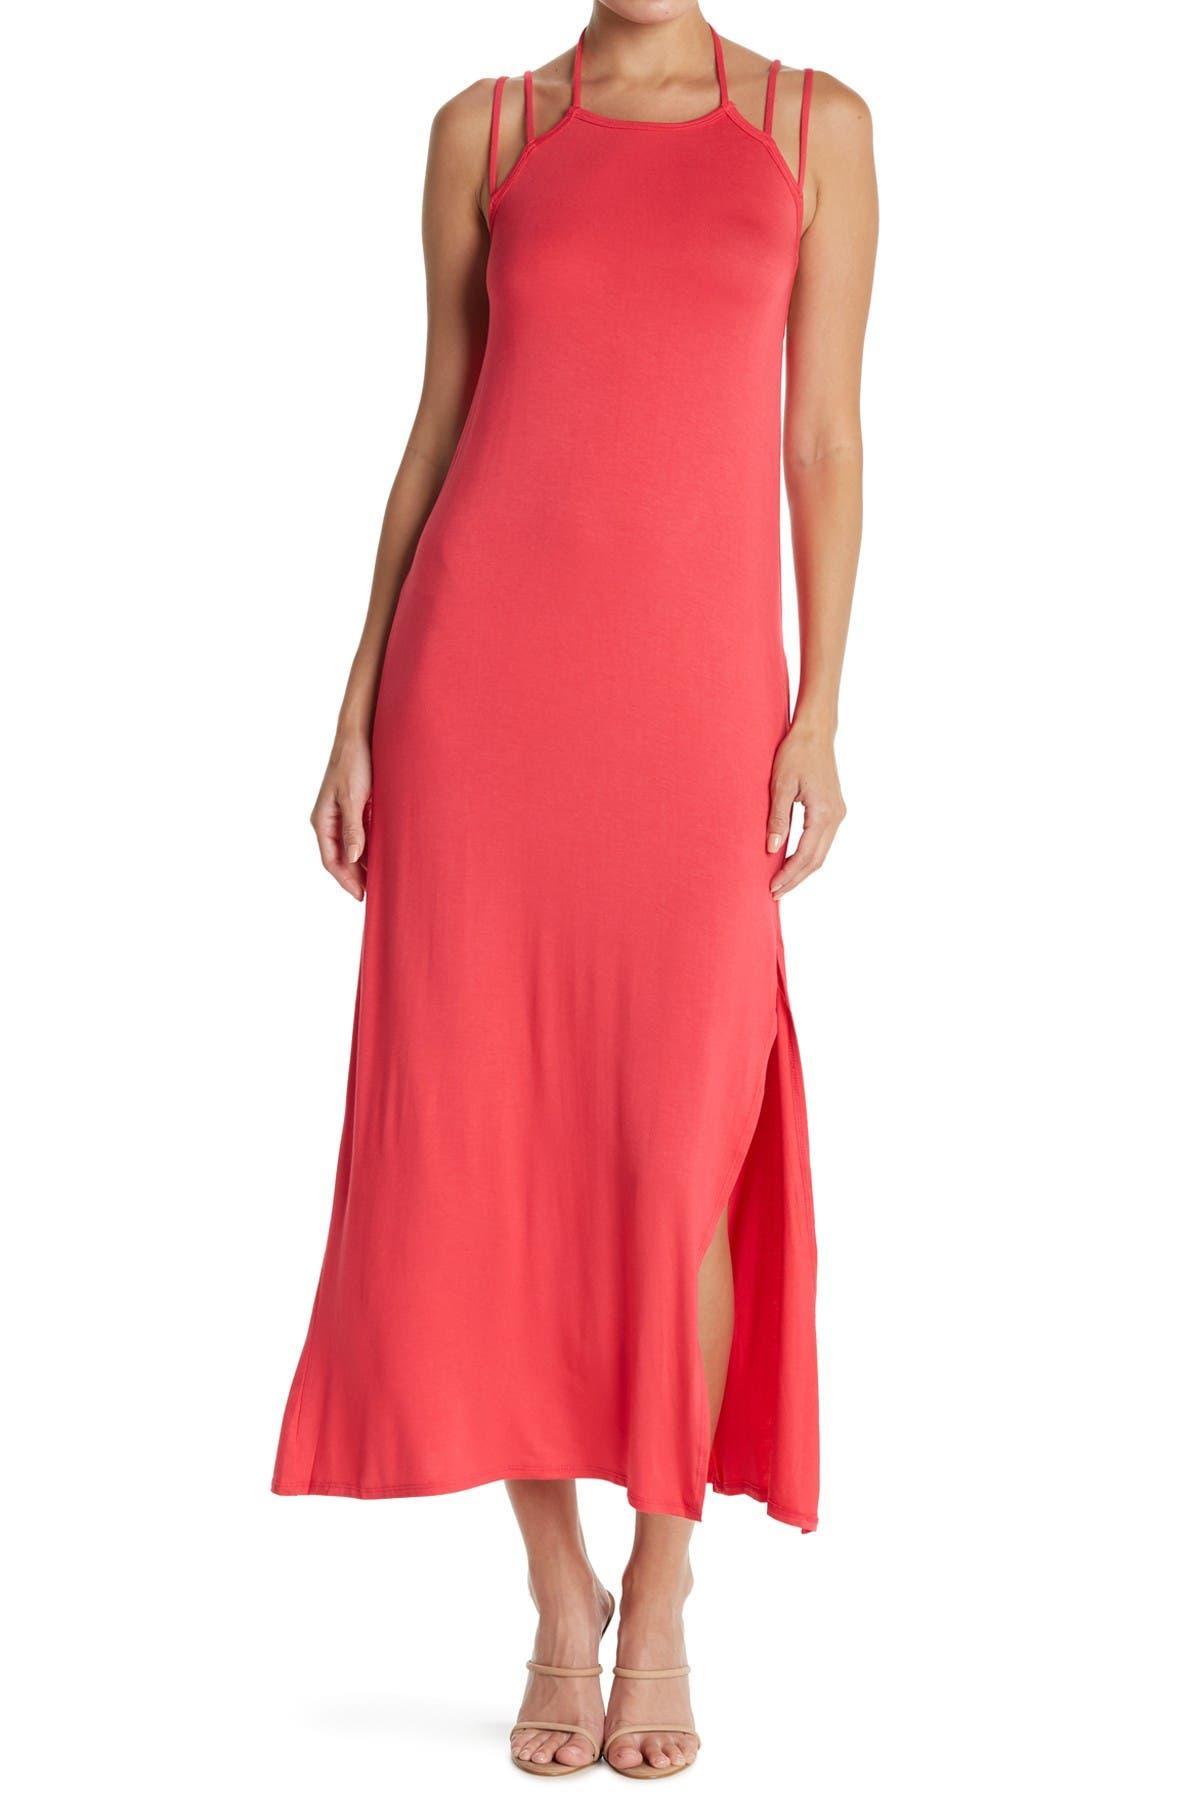 Image of Go Couture Strappy Apron Slip Midi Dress